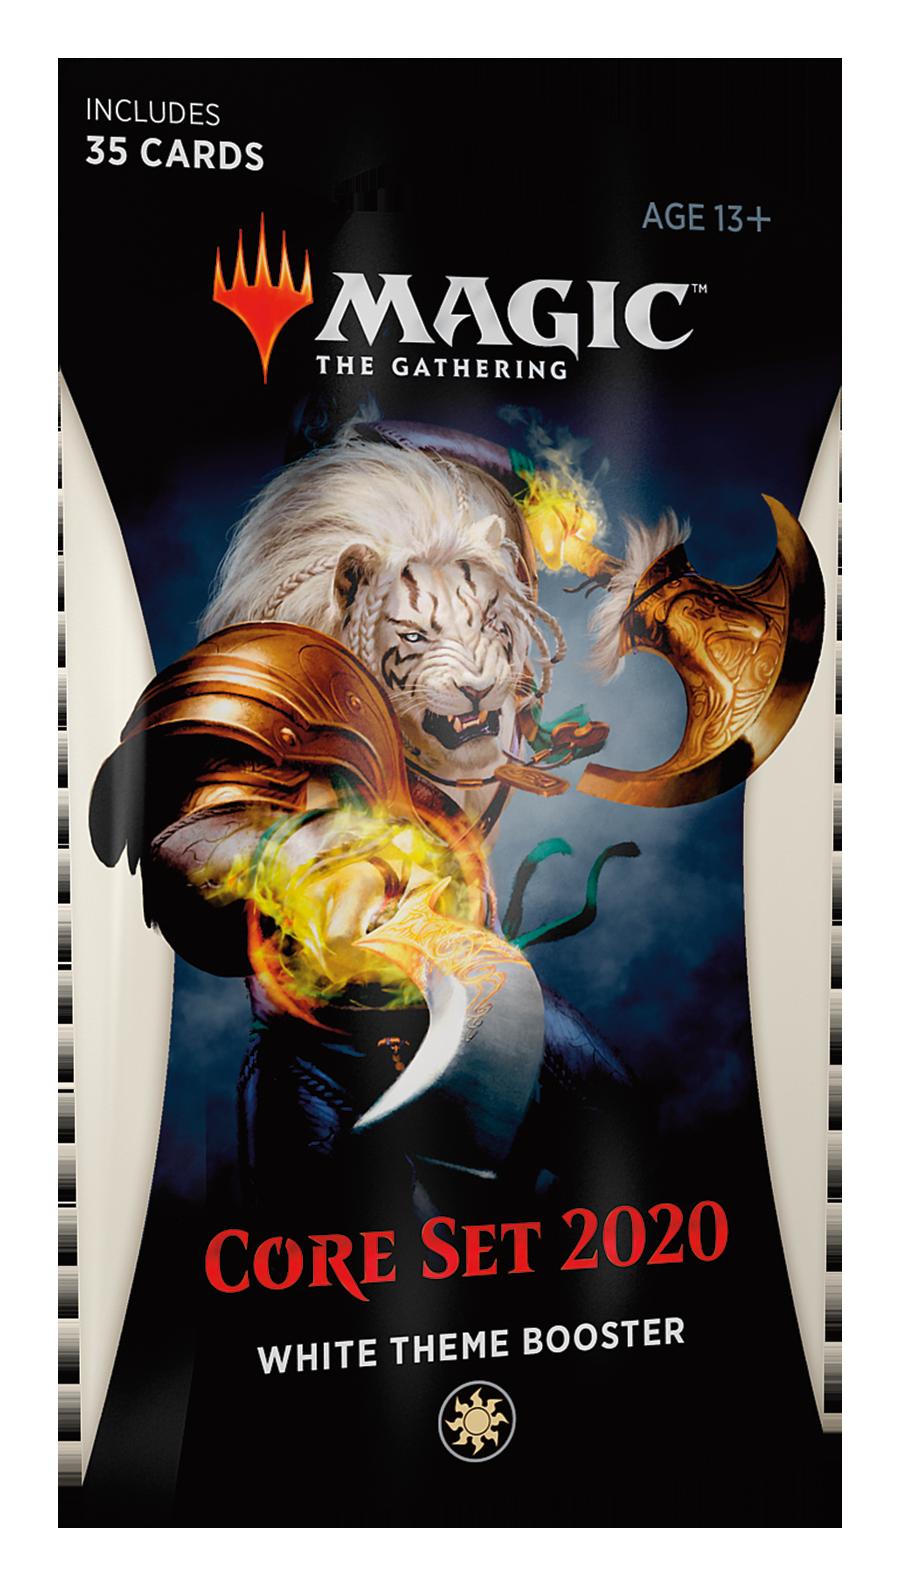 Core 2020 Theme Booster -White